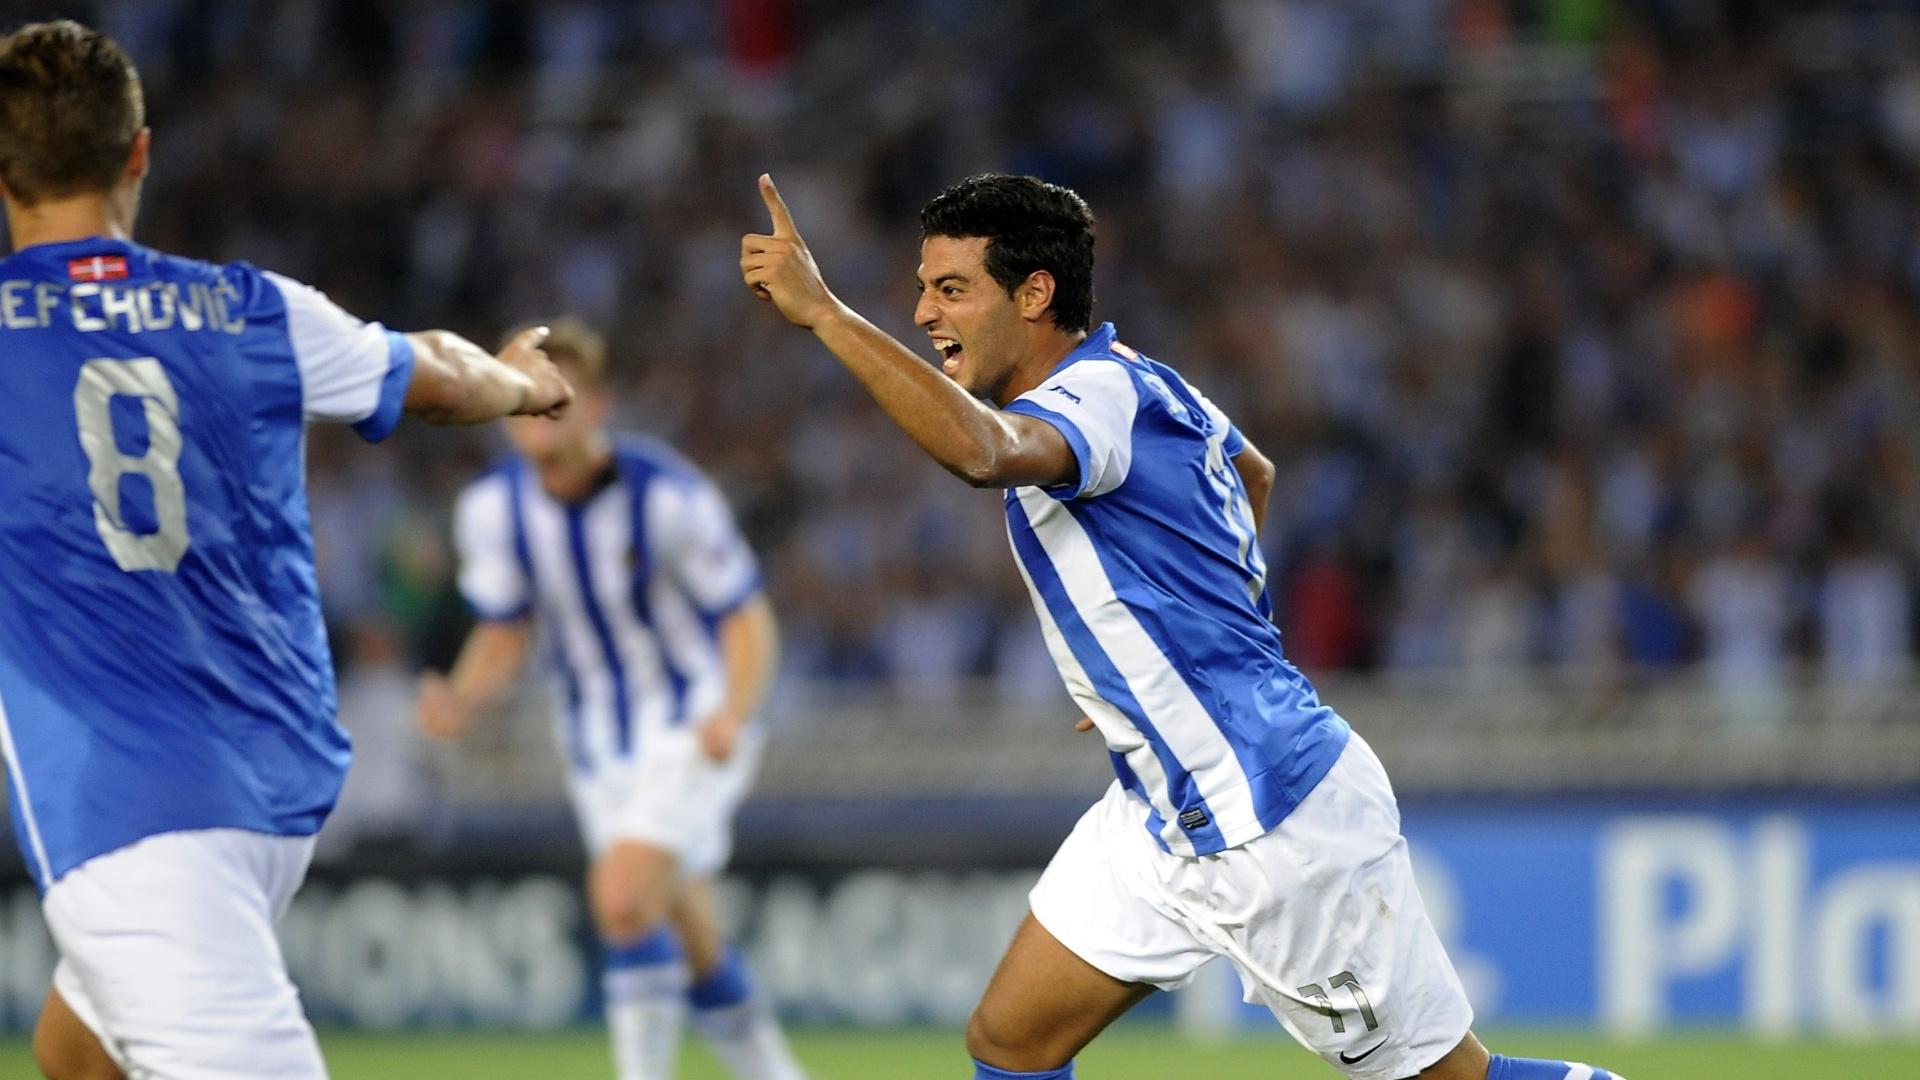 28.ago.2013 - Carlos Vela comemora um dos seus gols na vitória da Real Sociedad sobre o Lyon pela Liga dos Campeões